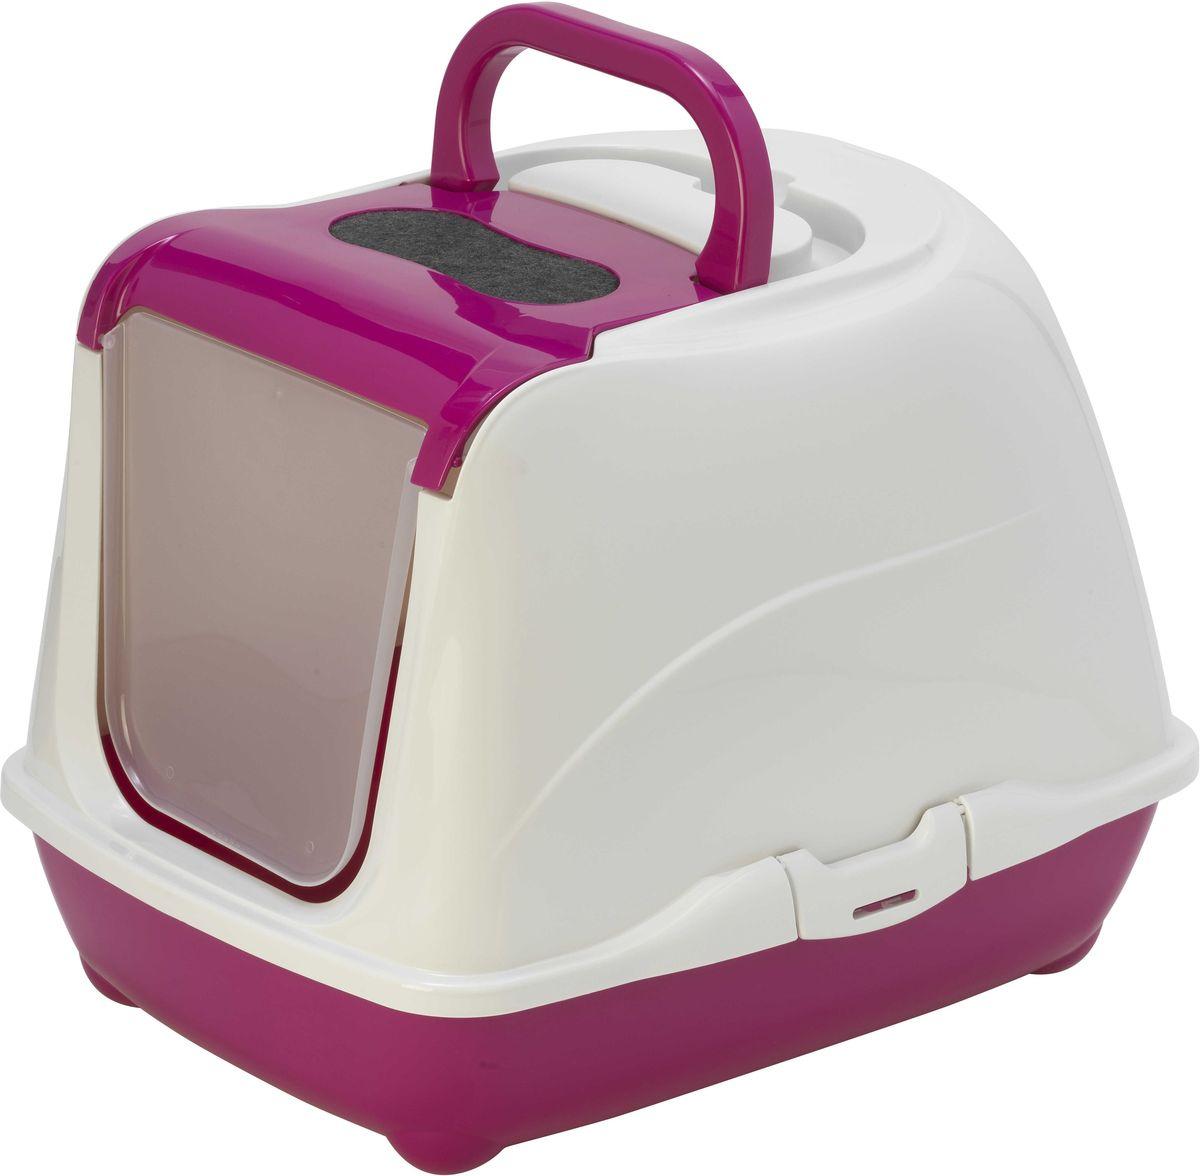 Туалет для кошек Moderna Flip Cat, закрытый, цвет: ярко-розовый, 39 х 50 х 37 см0120710Закрытый туалет для кошек Flip Cat выполнен из высококачественногопластика. Туалет оснащен прозрачнойоткрывающейся дверцей, сменным фильтром и удобной ручкой для переноски. Такой туалет избавит ваш дом от неприятного запаха и разбросанных повсюду частичекнаполнителя. Кошка в таком туалете будет чувствовать себя увереннее, ведь в этом укромномуголке ее никто не увидит. Кроме того, яркий дизайн с легкостью впишется в интерьер вашегодома. Туалет легко открывается для чистки благодаря практичным защелкам по бокам.